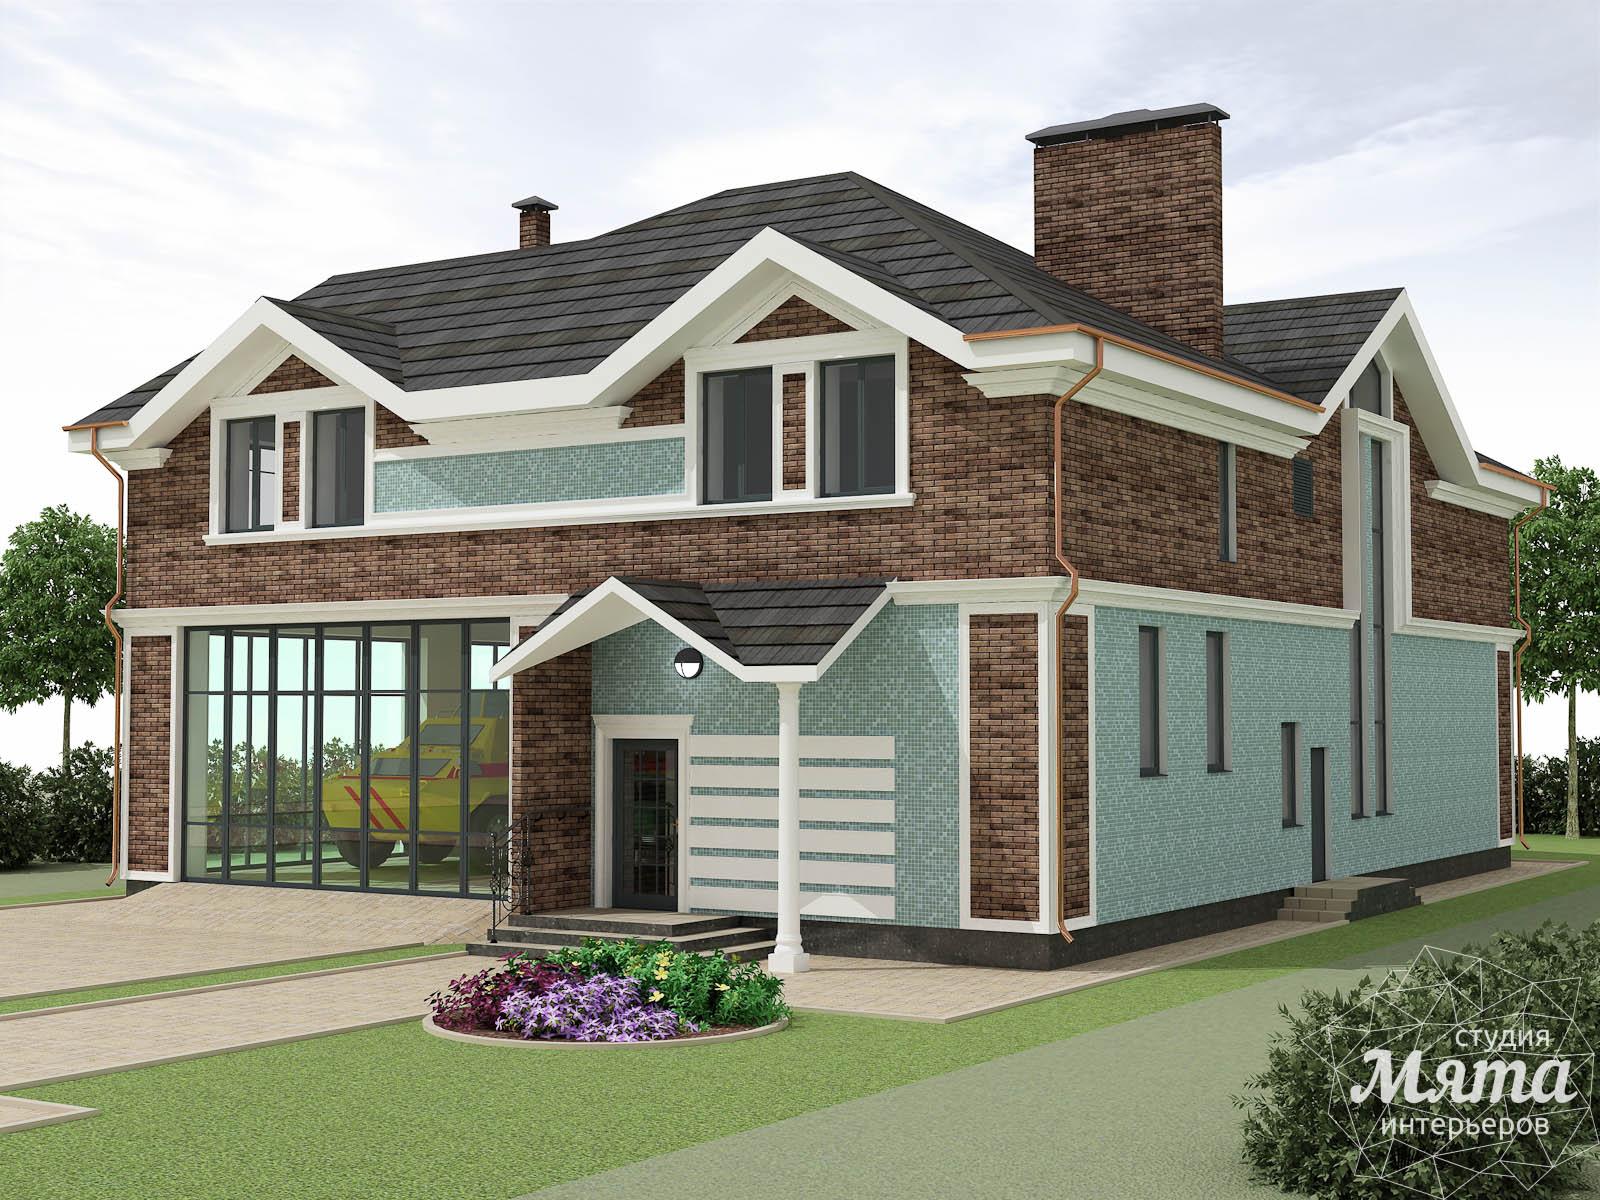 Фрилансеры проектирование домов удаленная работа с высокой заработной платой